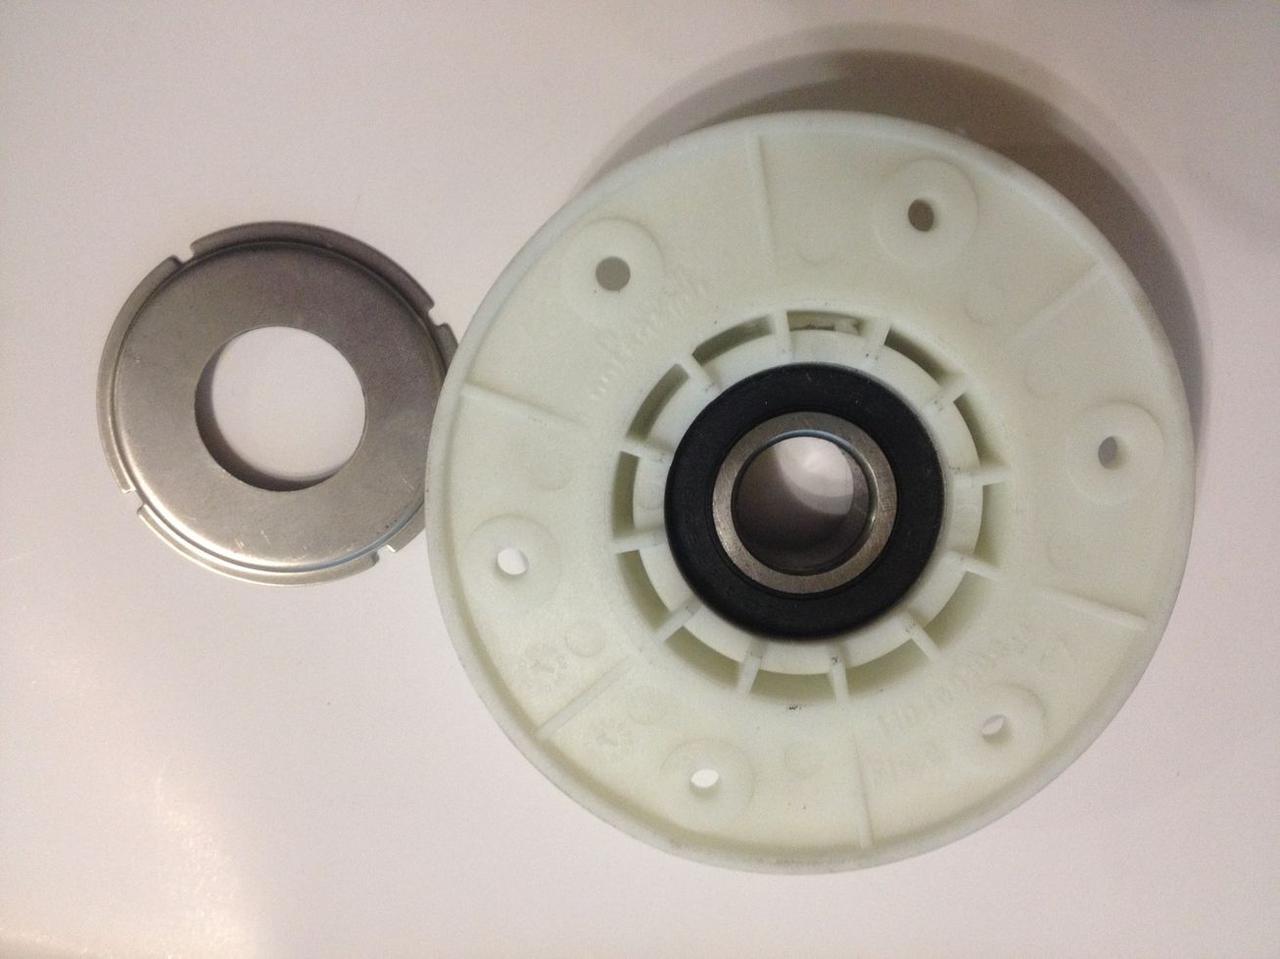 Блок подшипников Ardo (Ардо) 651029610 для стиральной машины